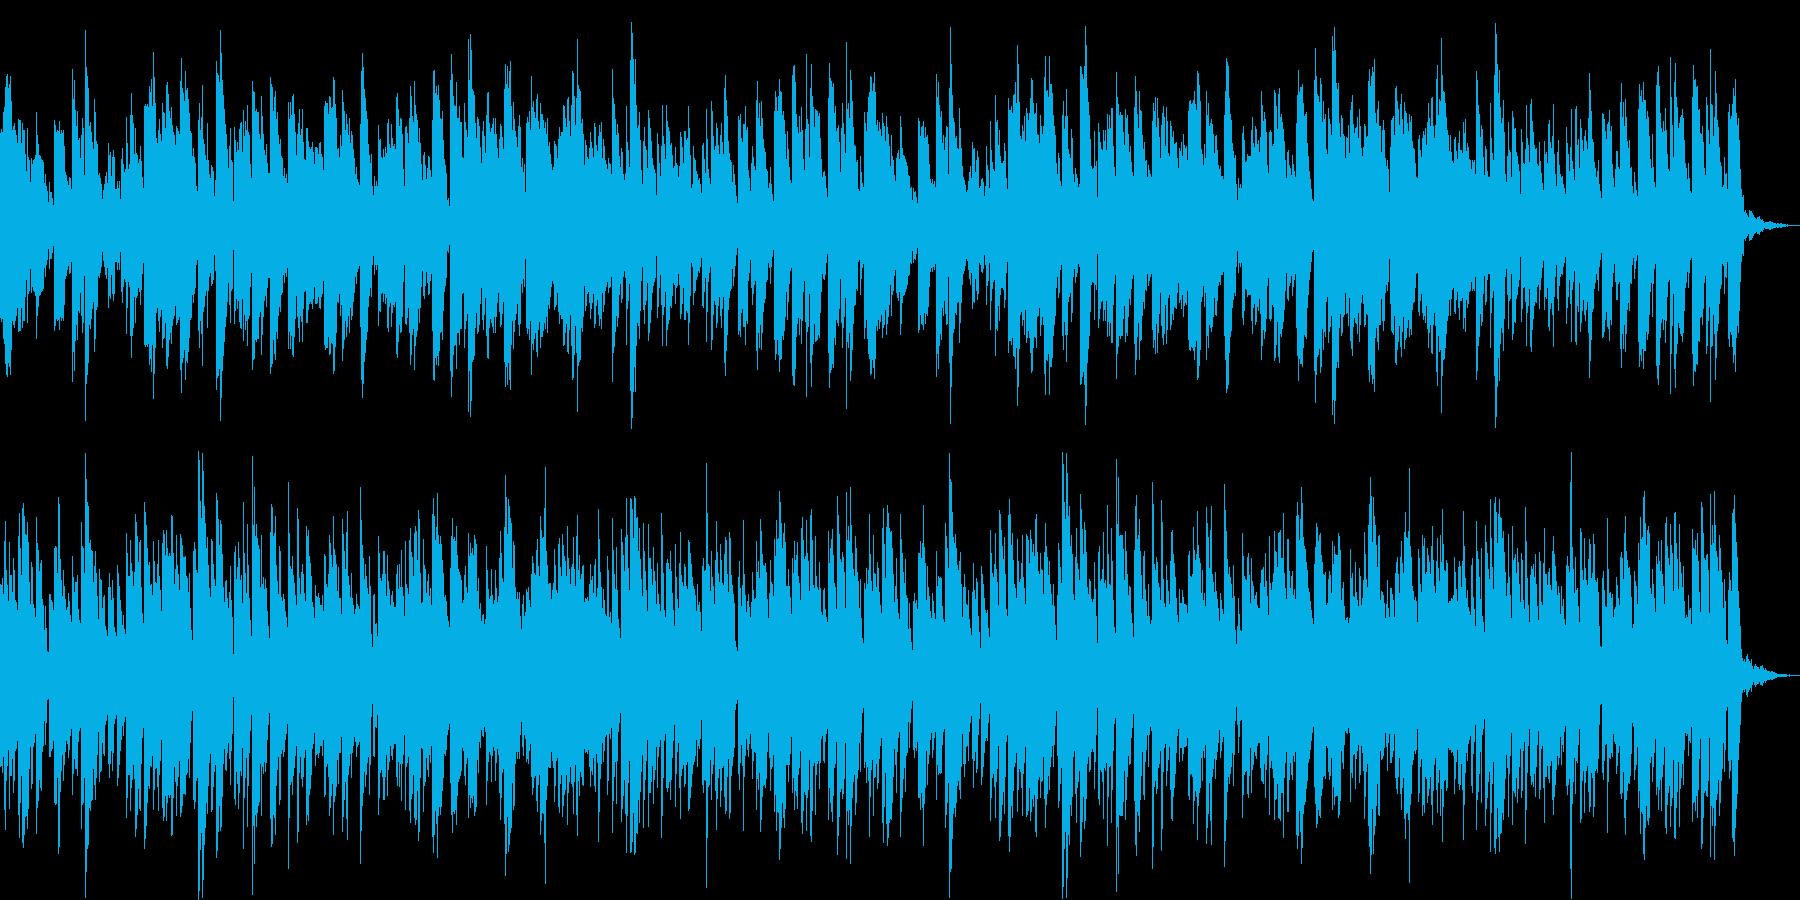 【ピアノ】ウキウキなするようなピアノの再生済みの波形